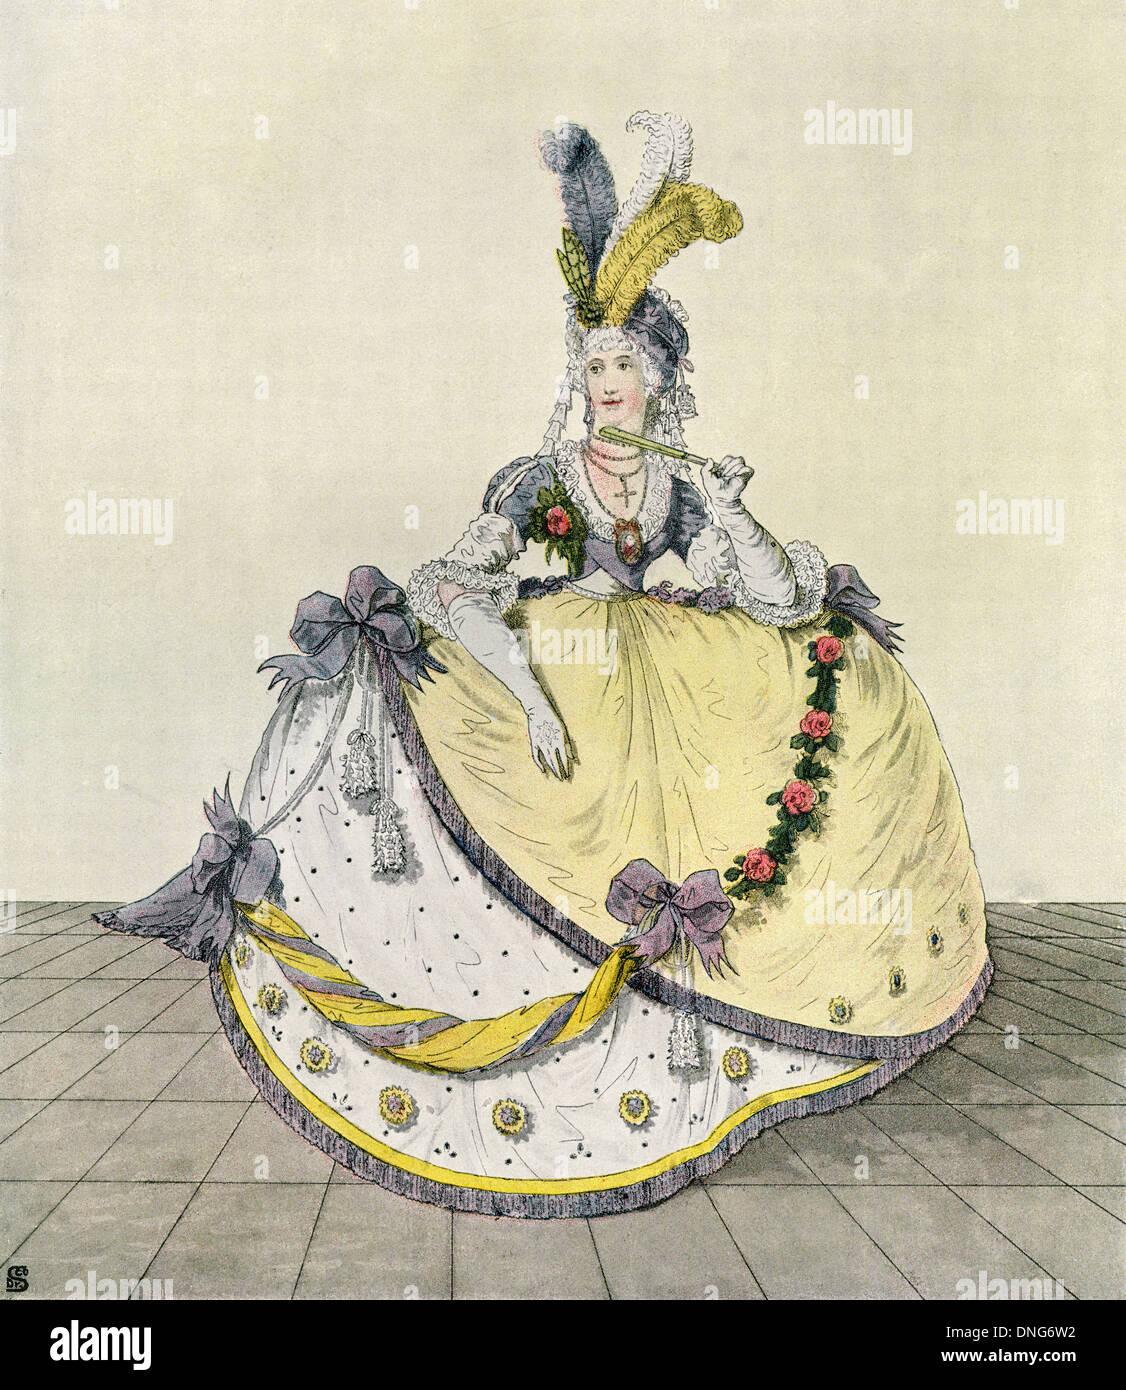 Dame dans une robe de bal à la cour anglaise, 1800. Photo Stock